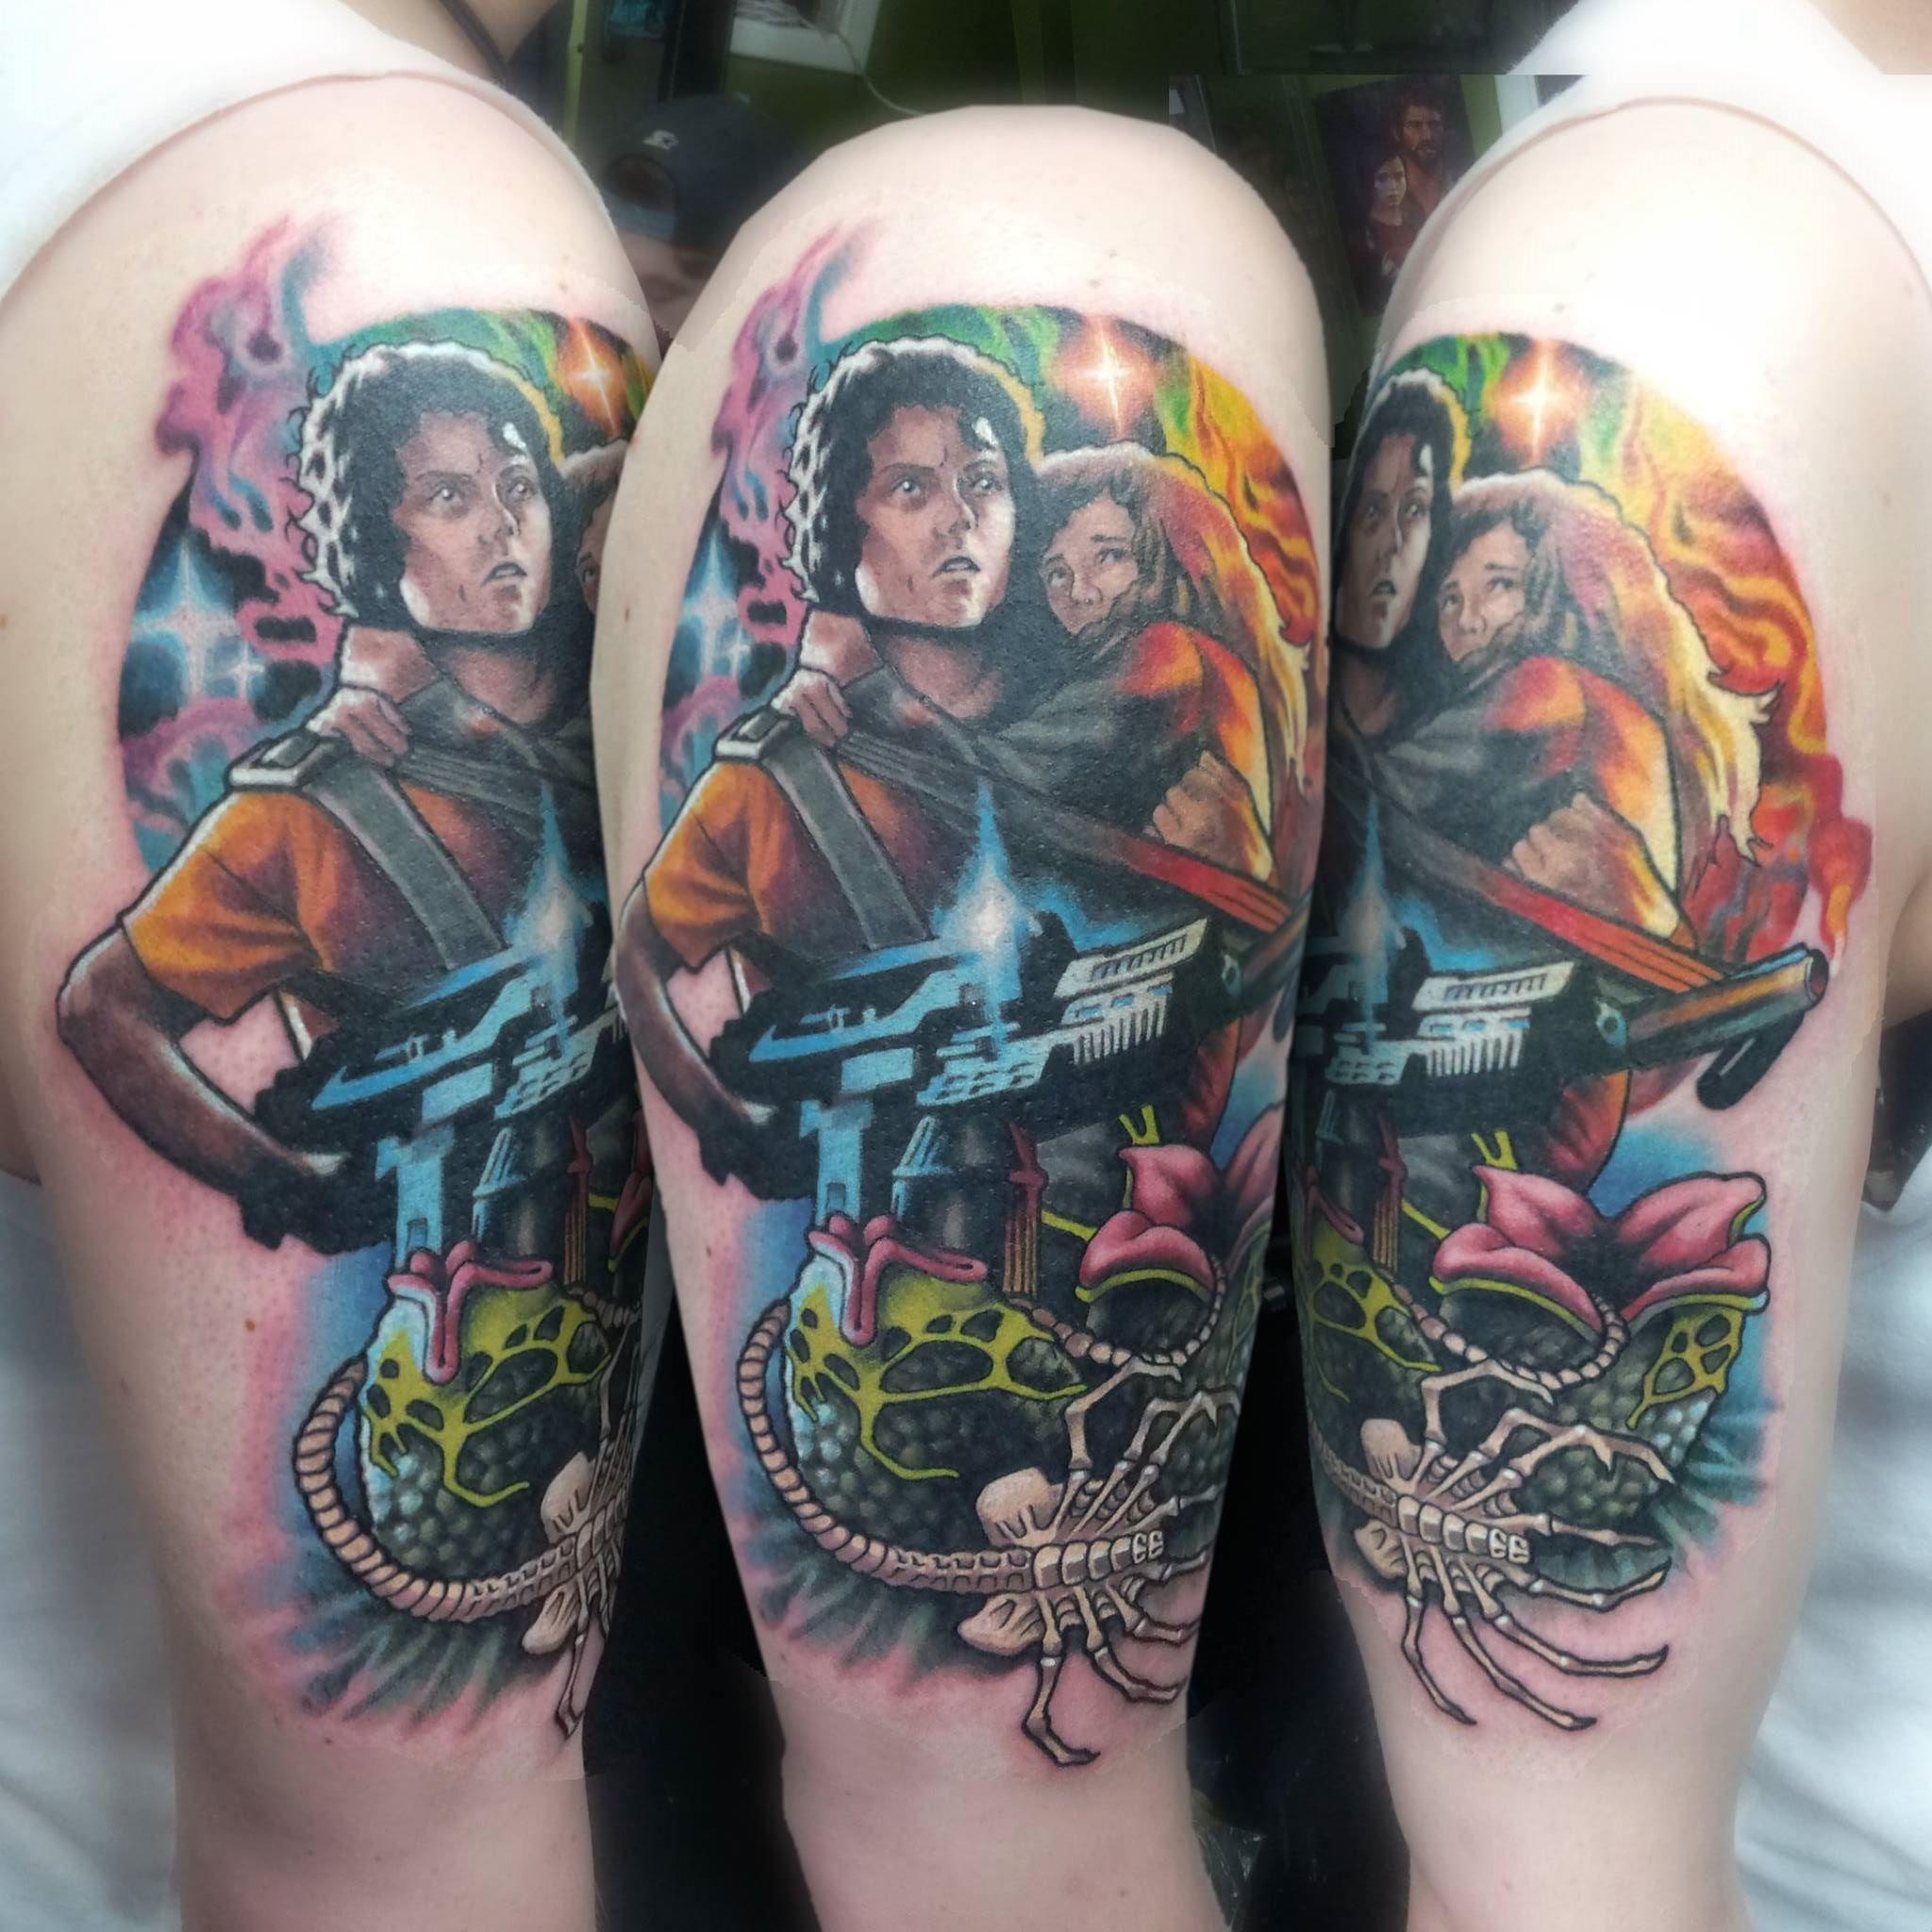 0bc88f911 Professional Tattoo & Piercing Studio Liverpool